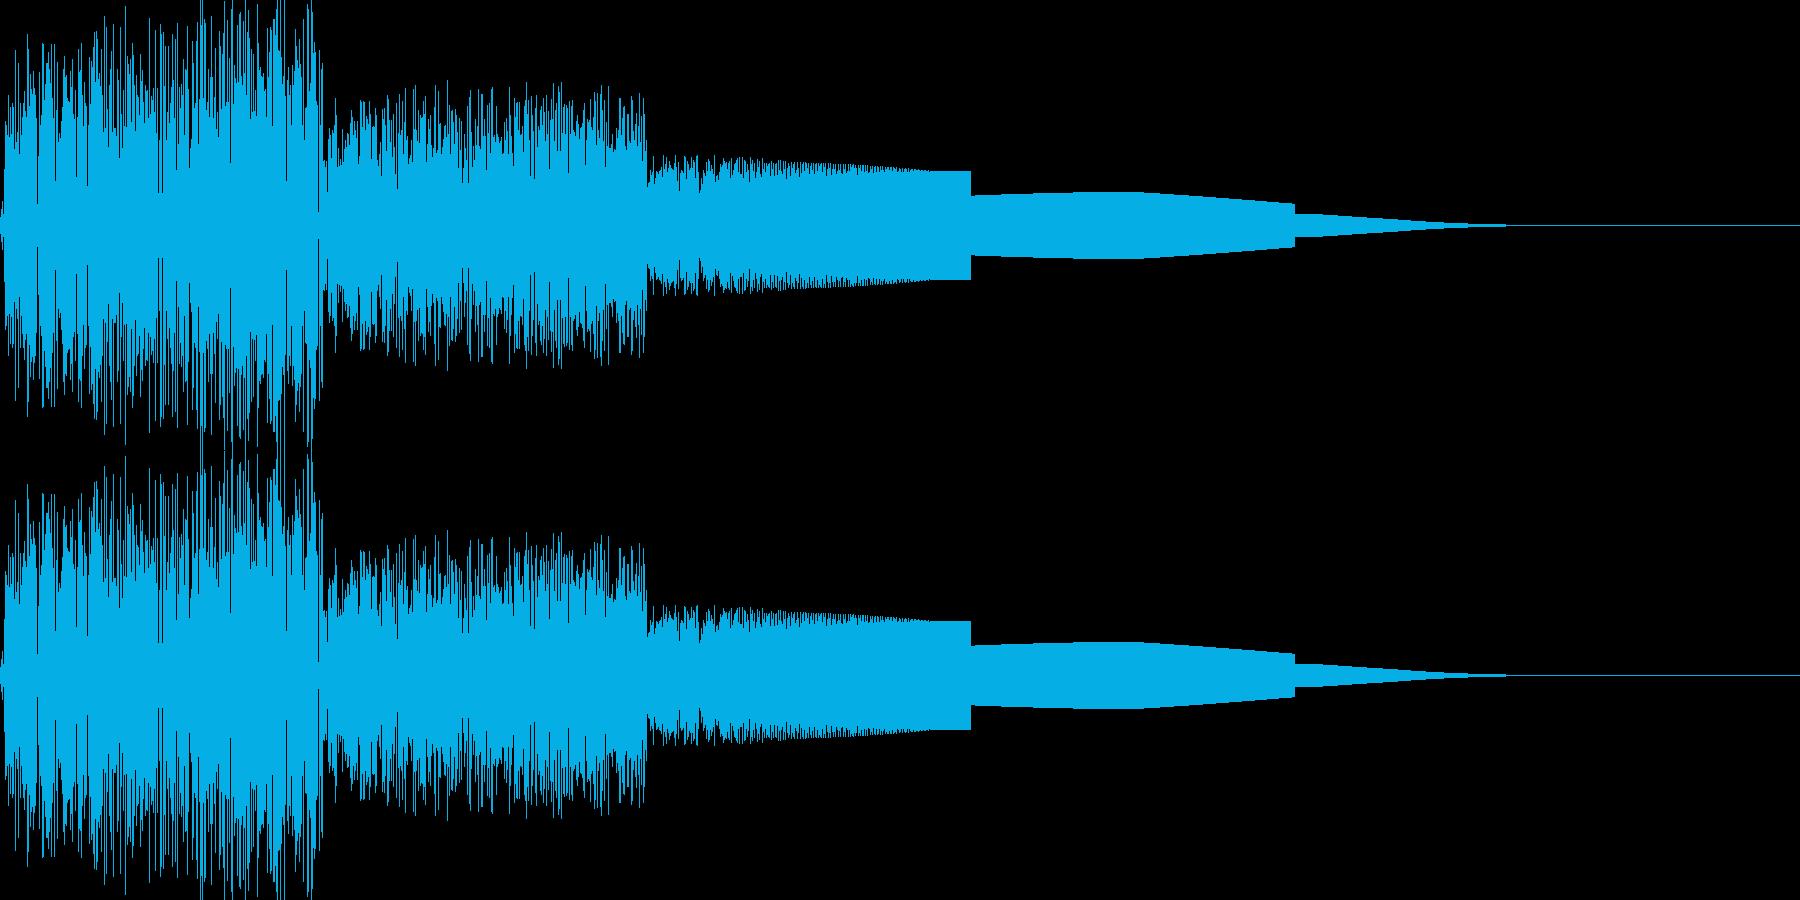 ピヨピヨ(ワープ/ファミコン/宇宙/魔法の再生済みの波形